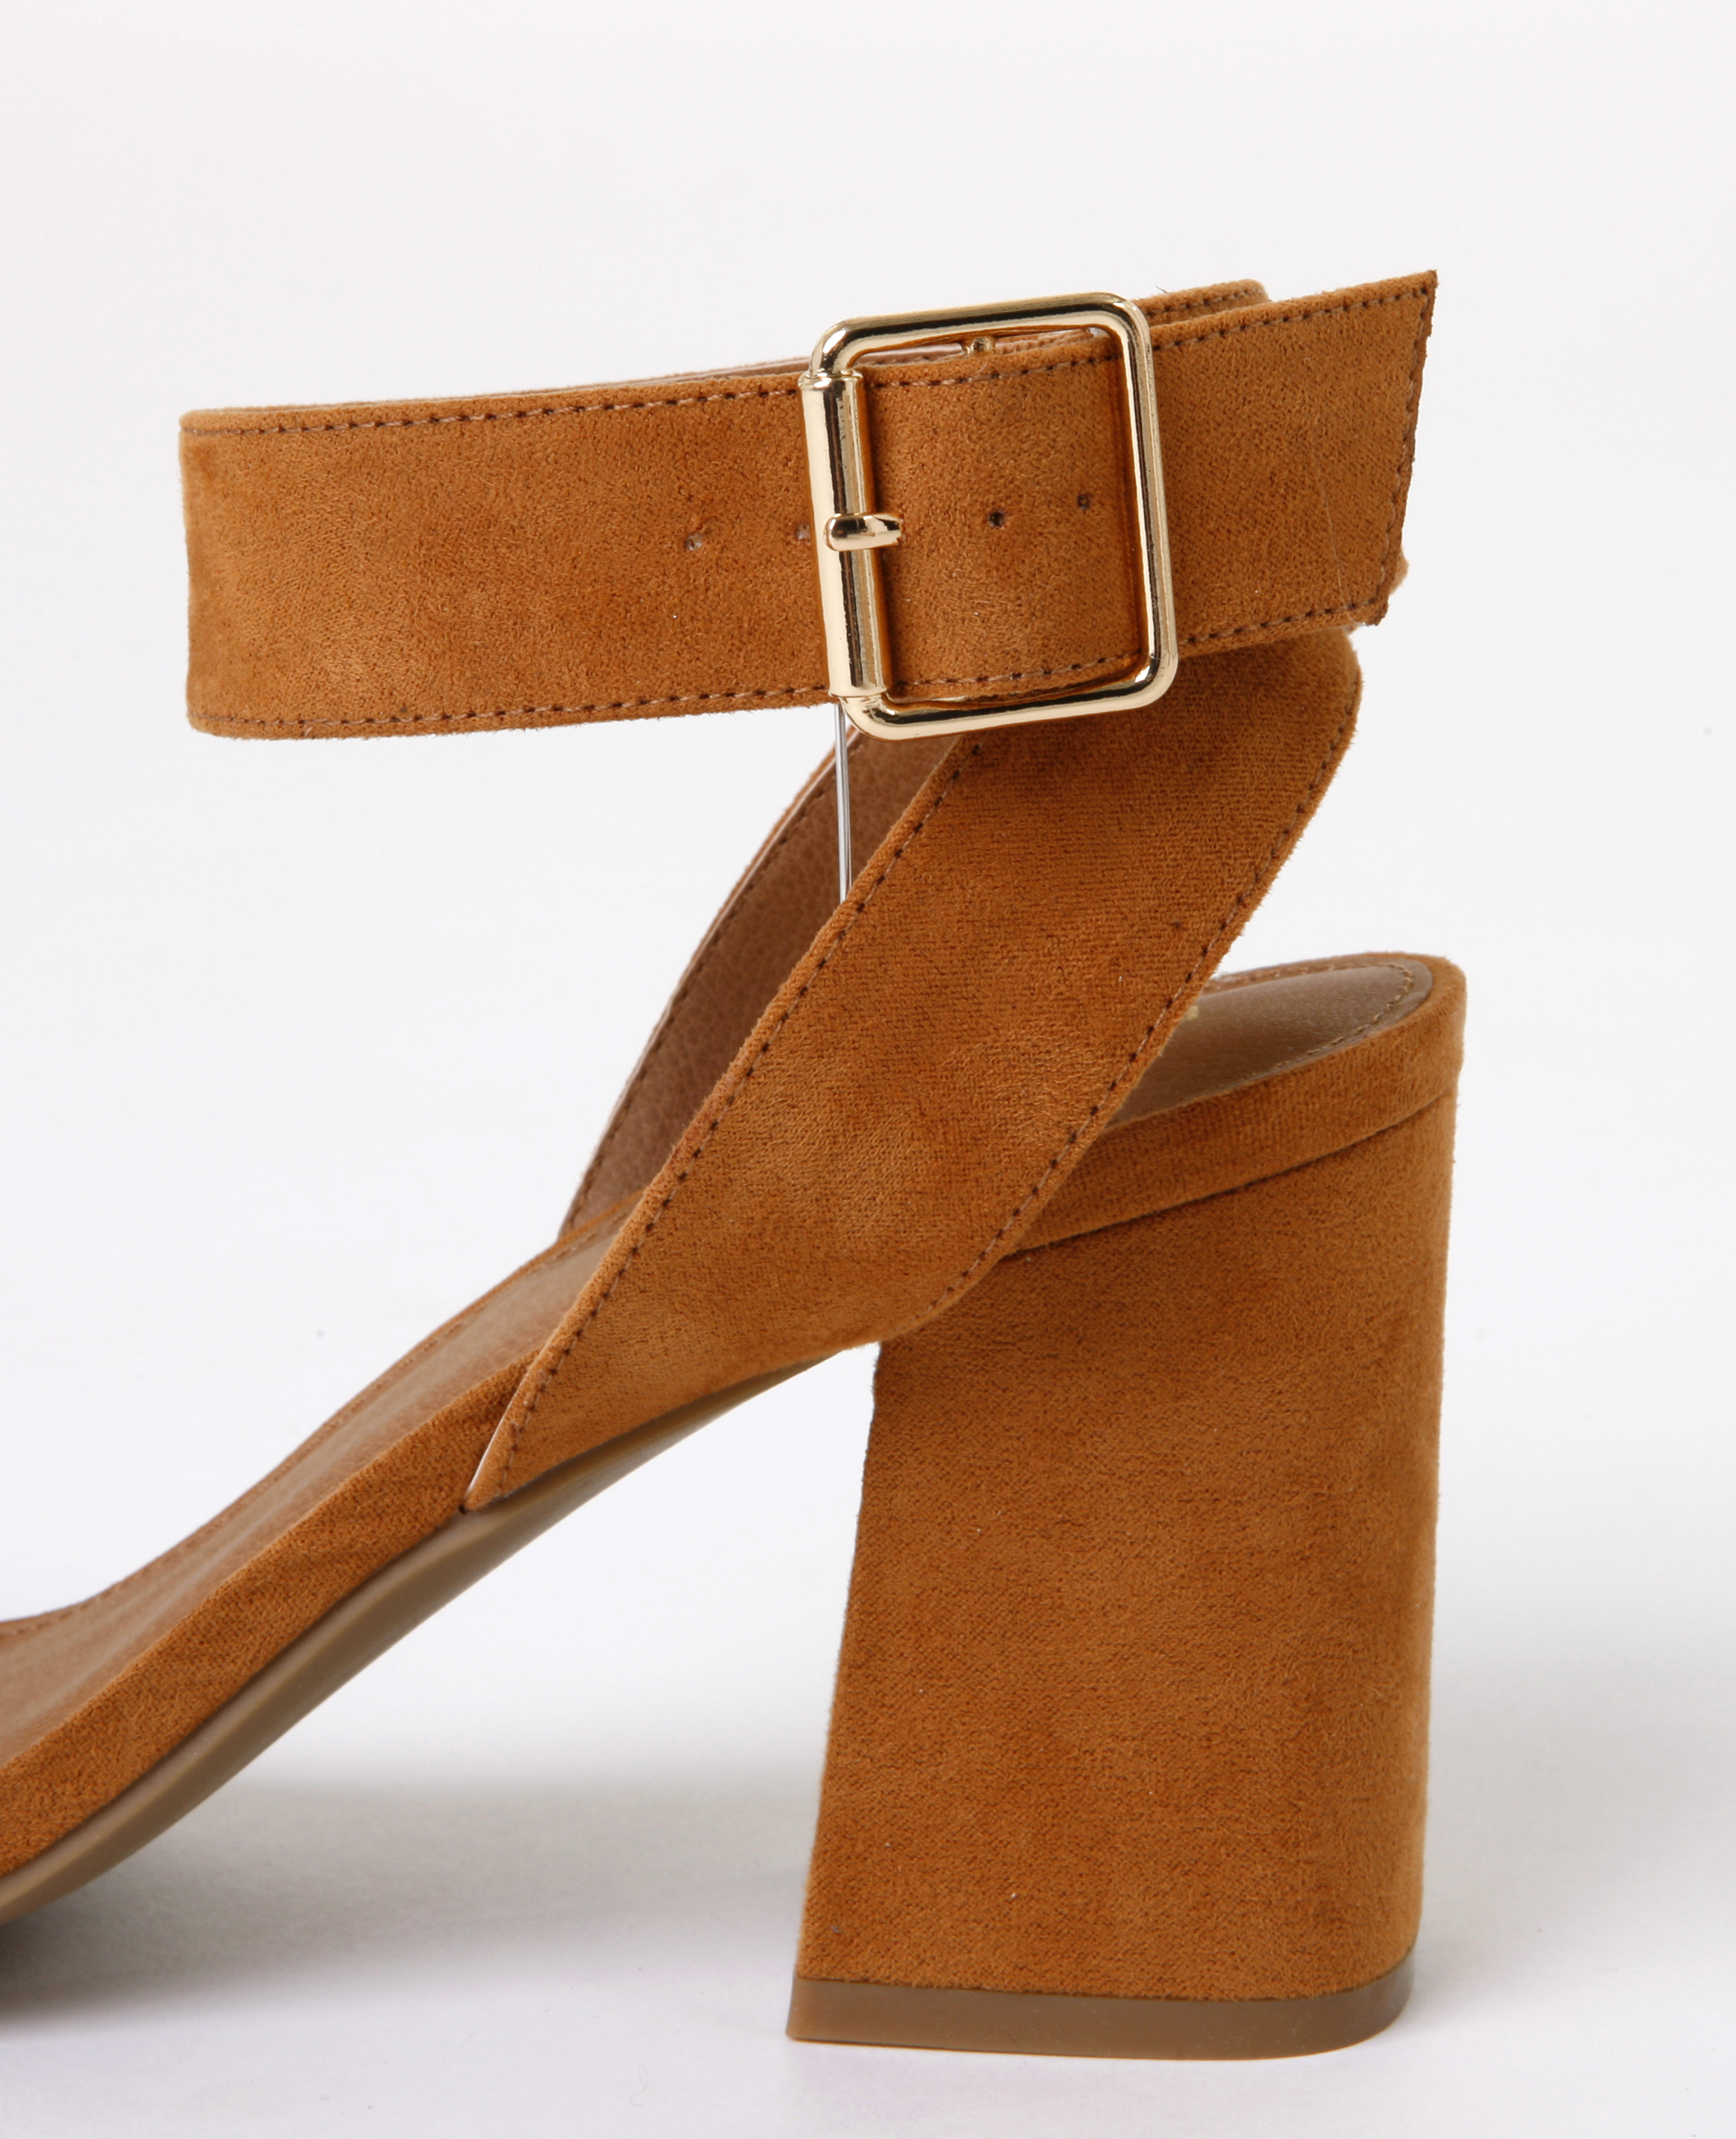 Sandales talons carrés marron 988097747A07 | Pimkie